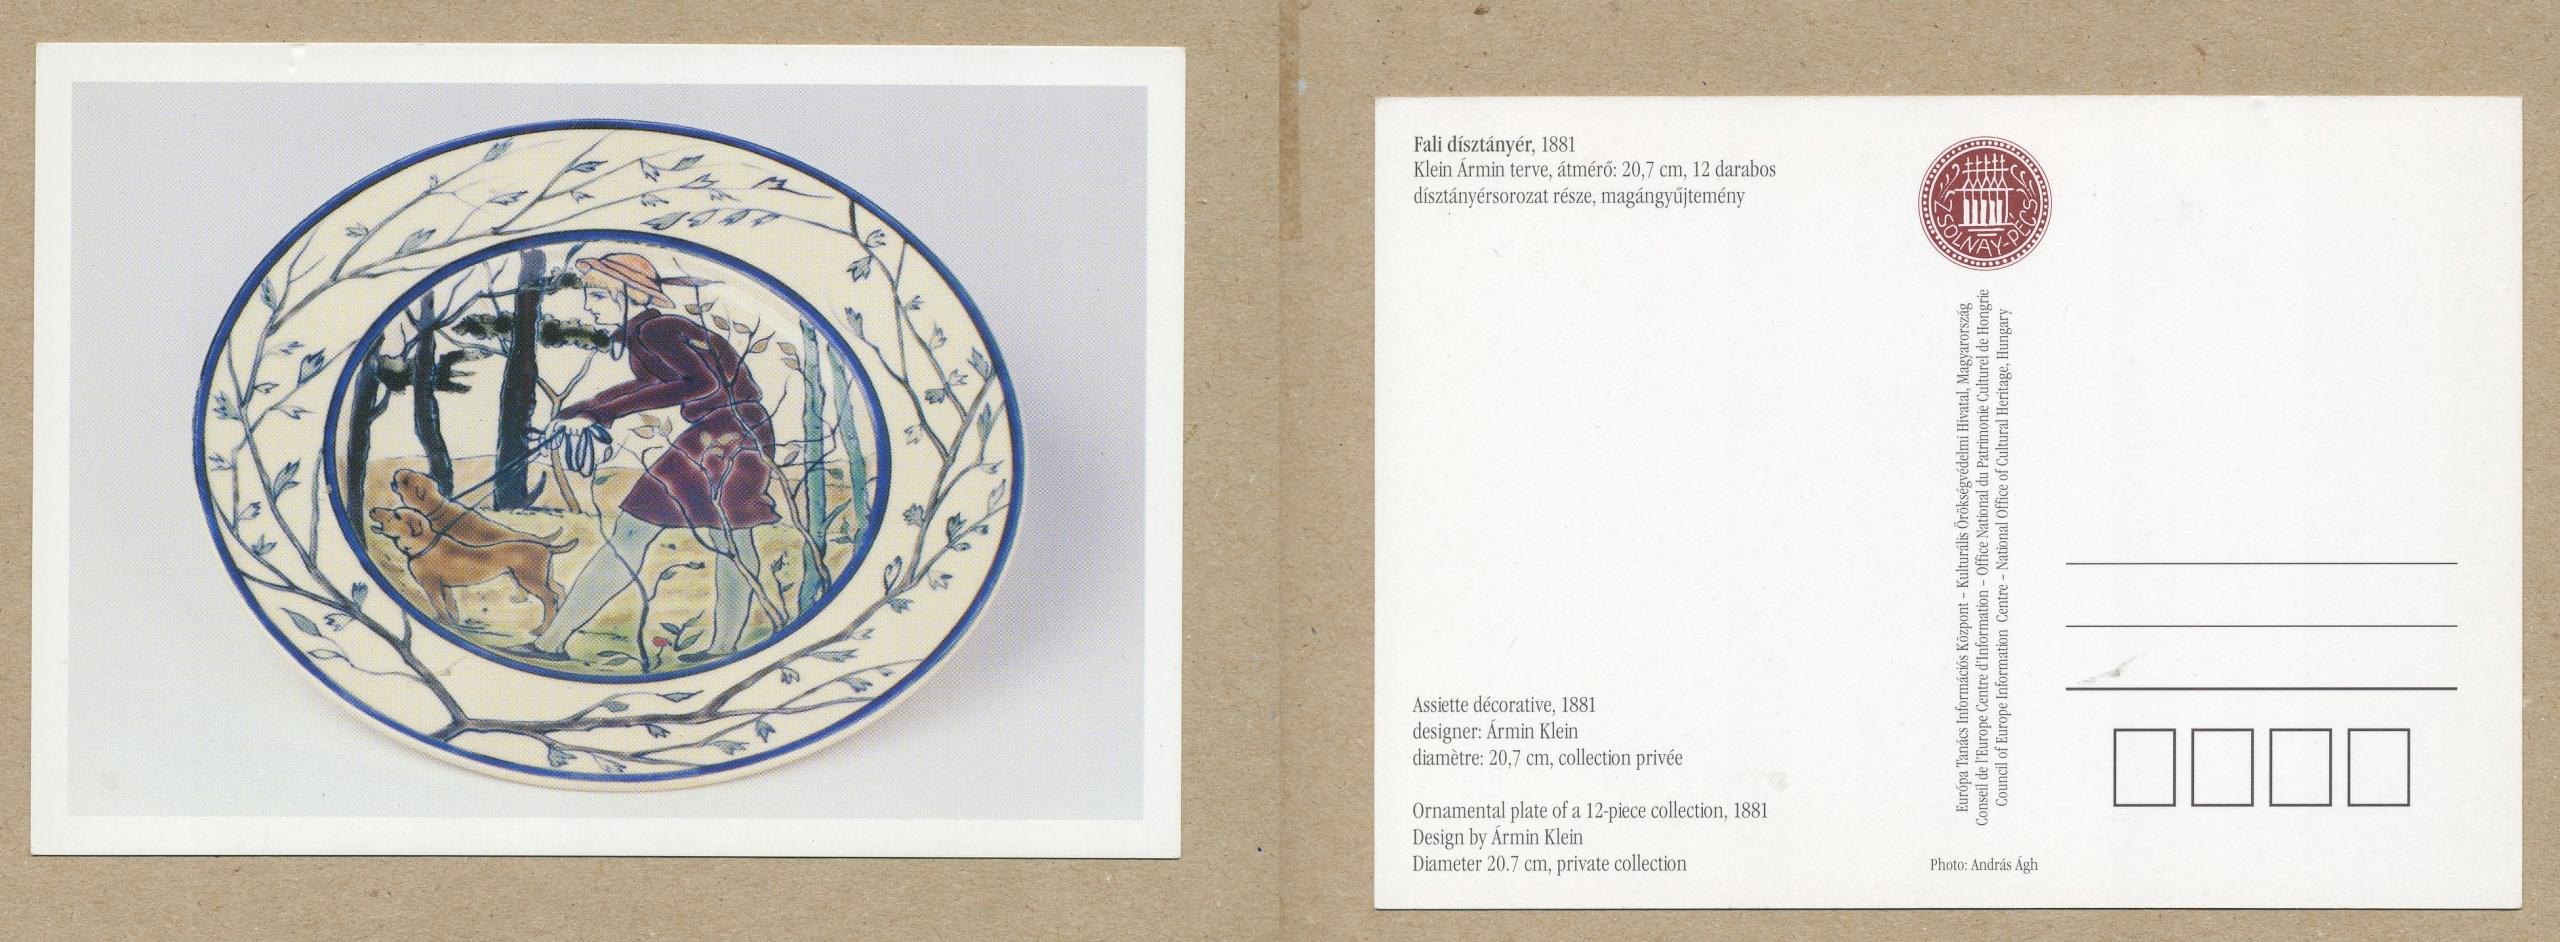 POCZTÓWKA WĘGIERSKA ceramika porcelana talerz misa